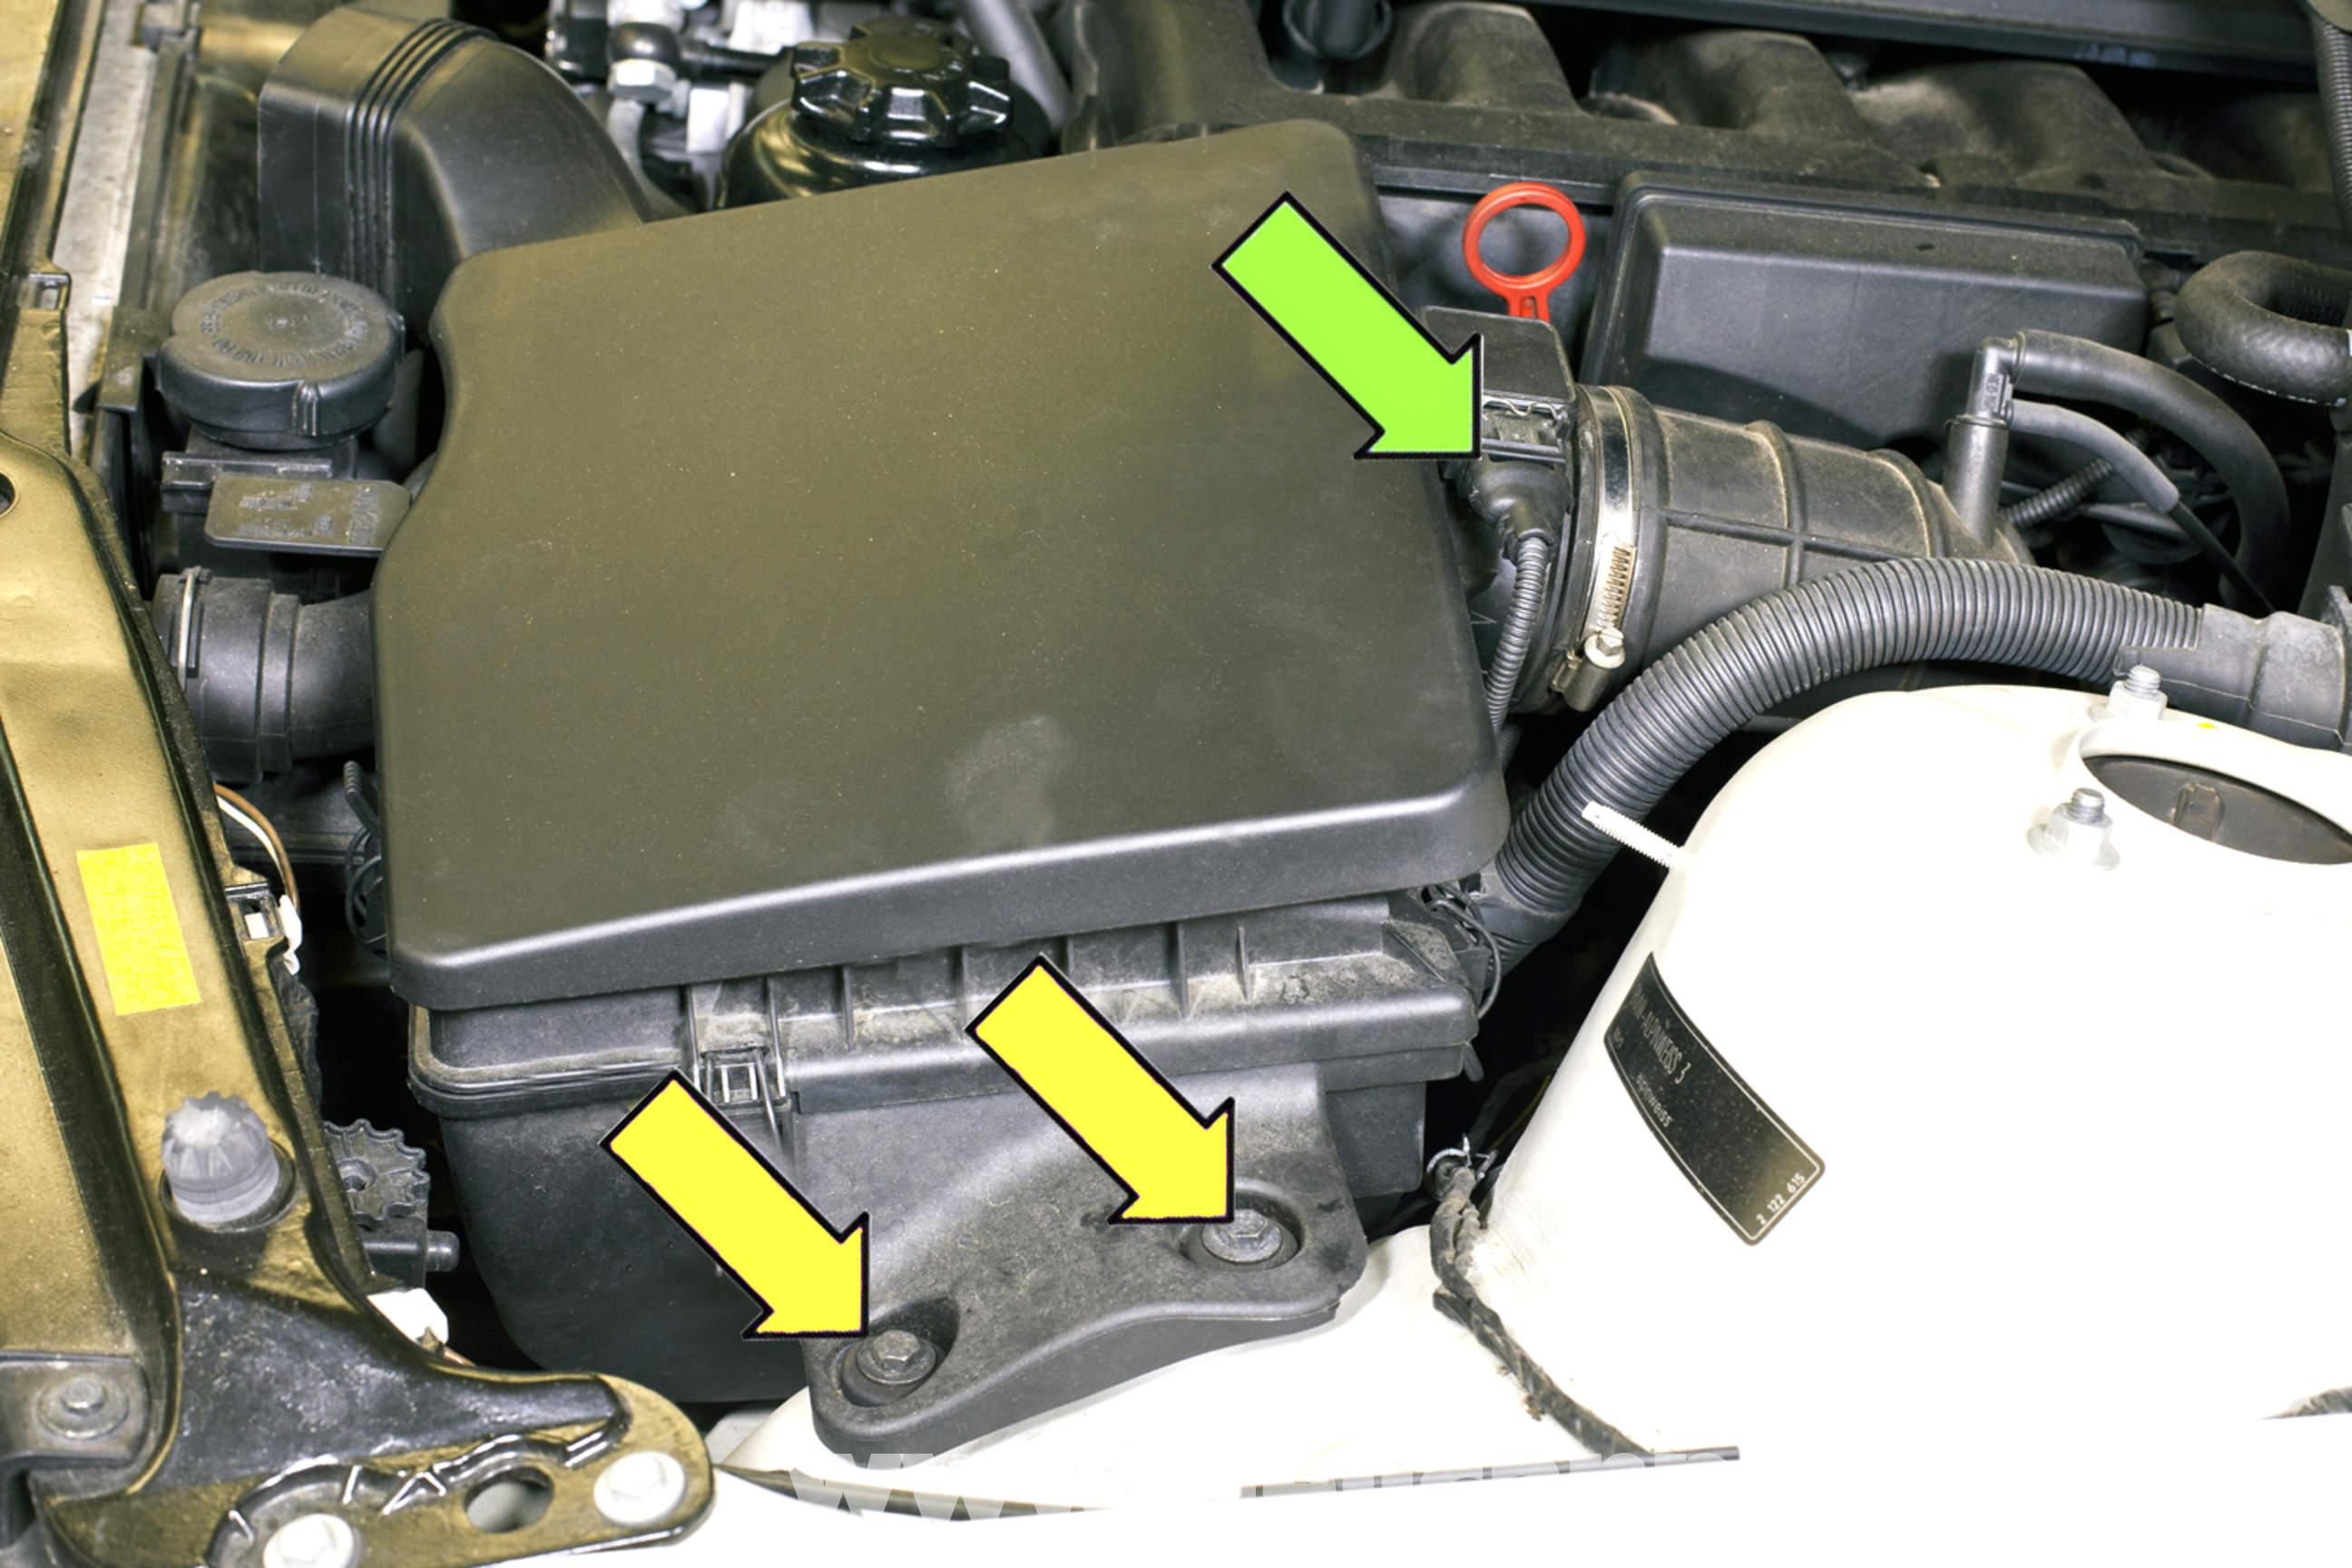 bmw e46 mass air flow replacement bmw 325i  2001 2005 bmw e46 fuel filter change bmw e46 fuel filter change bmw e46 fuel filter change bmw e46 fuel filter change